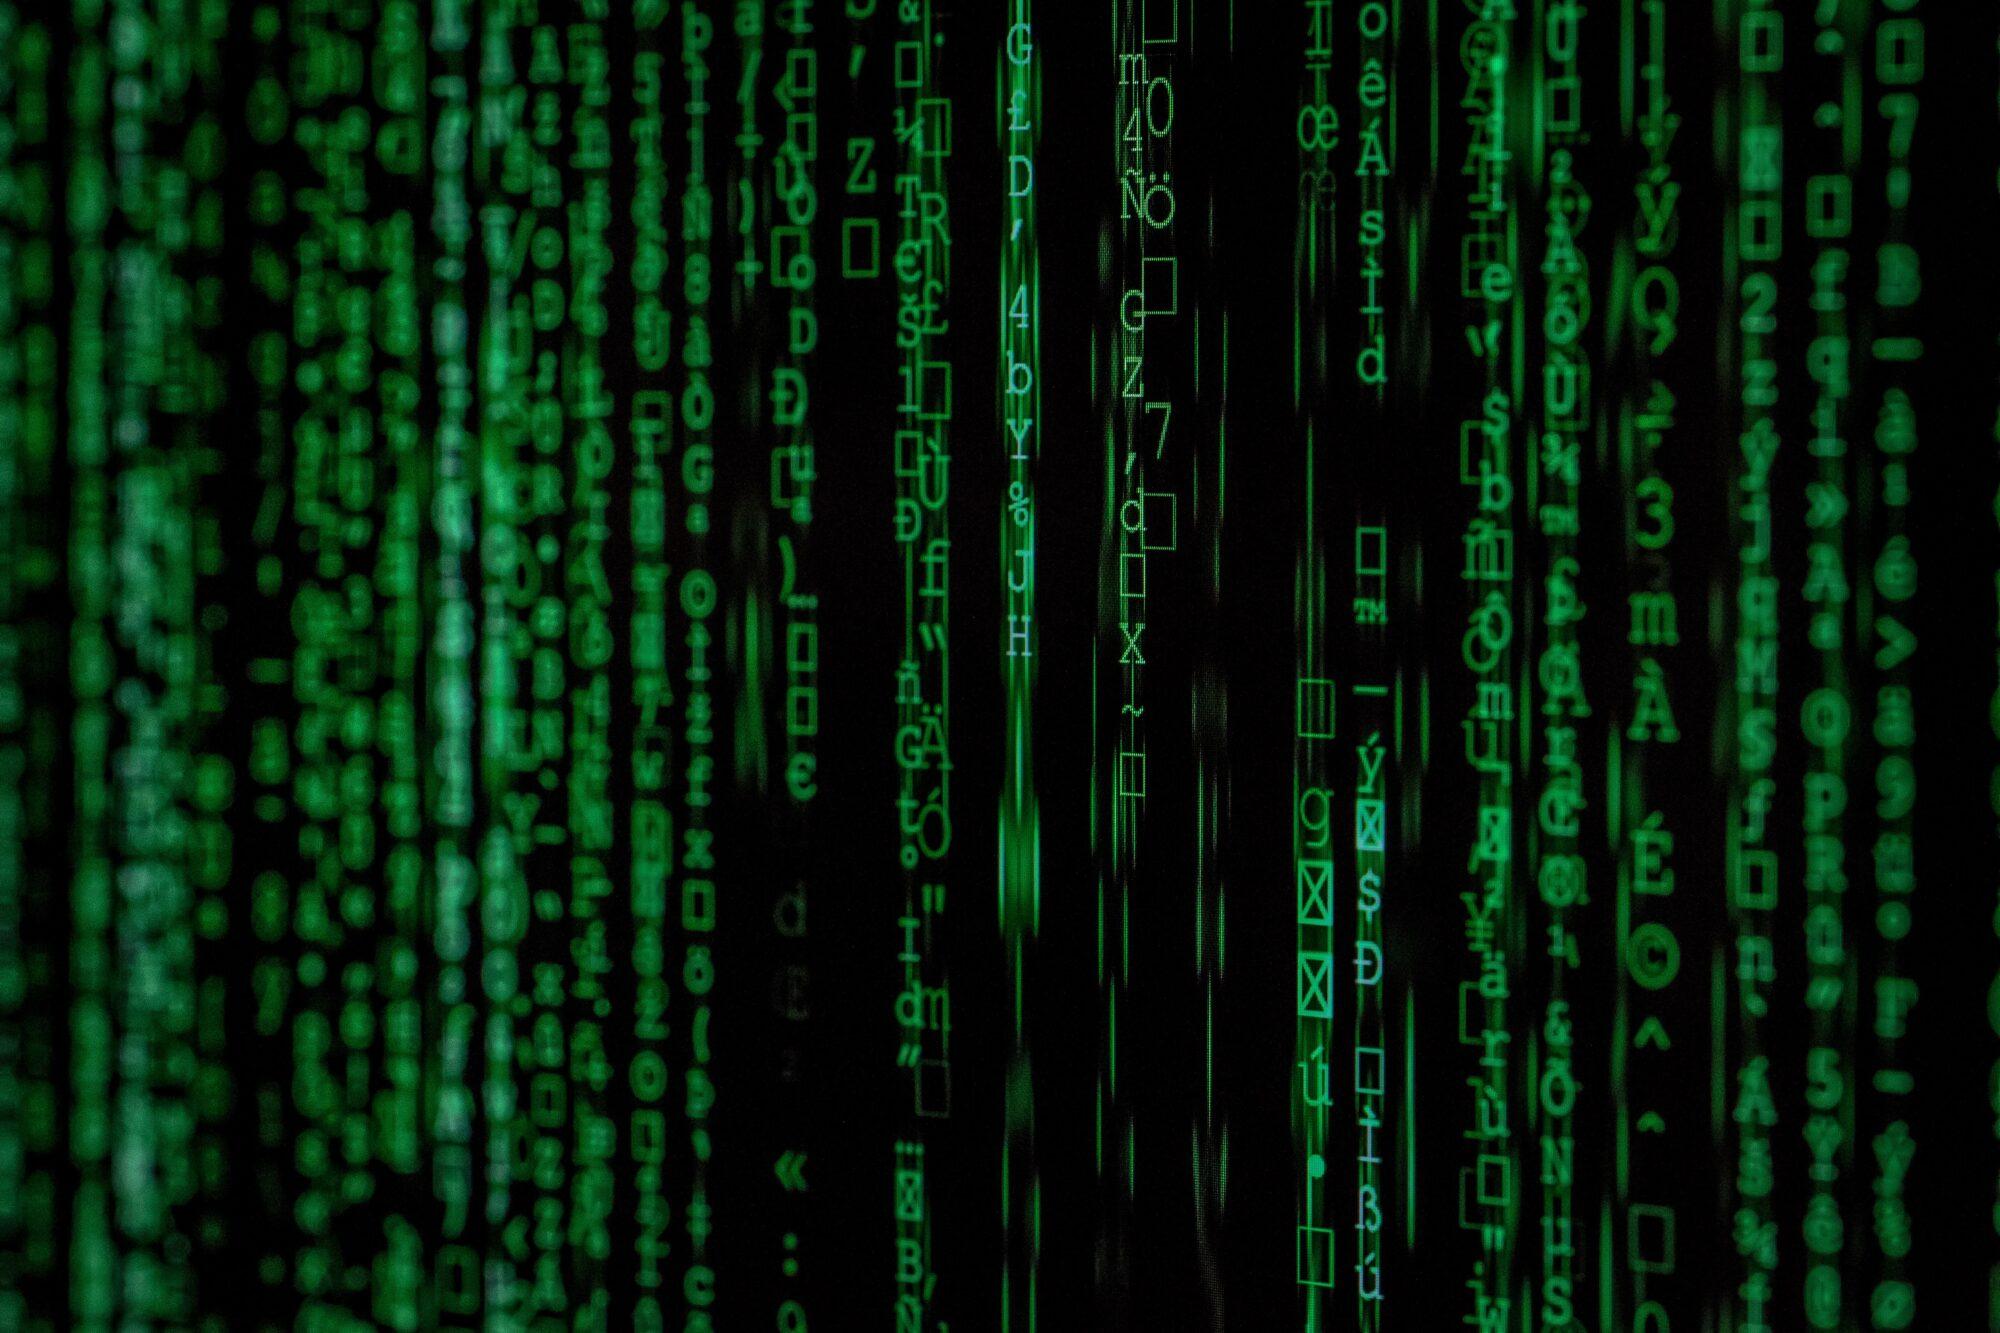 Verdubbeling cybercrime in Overijssel door tweede lockdown